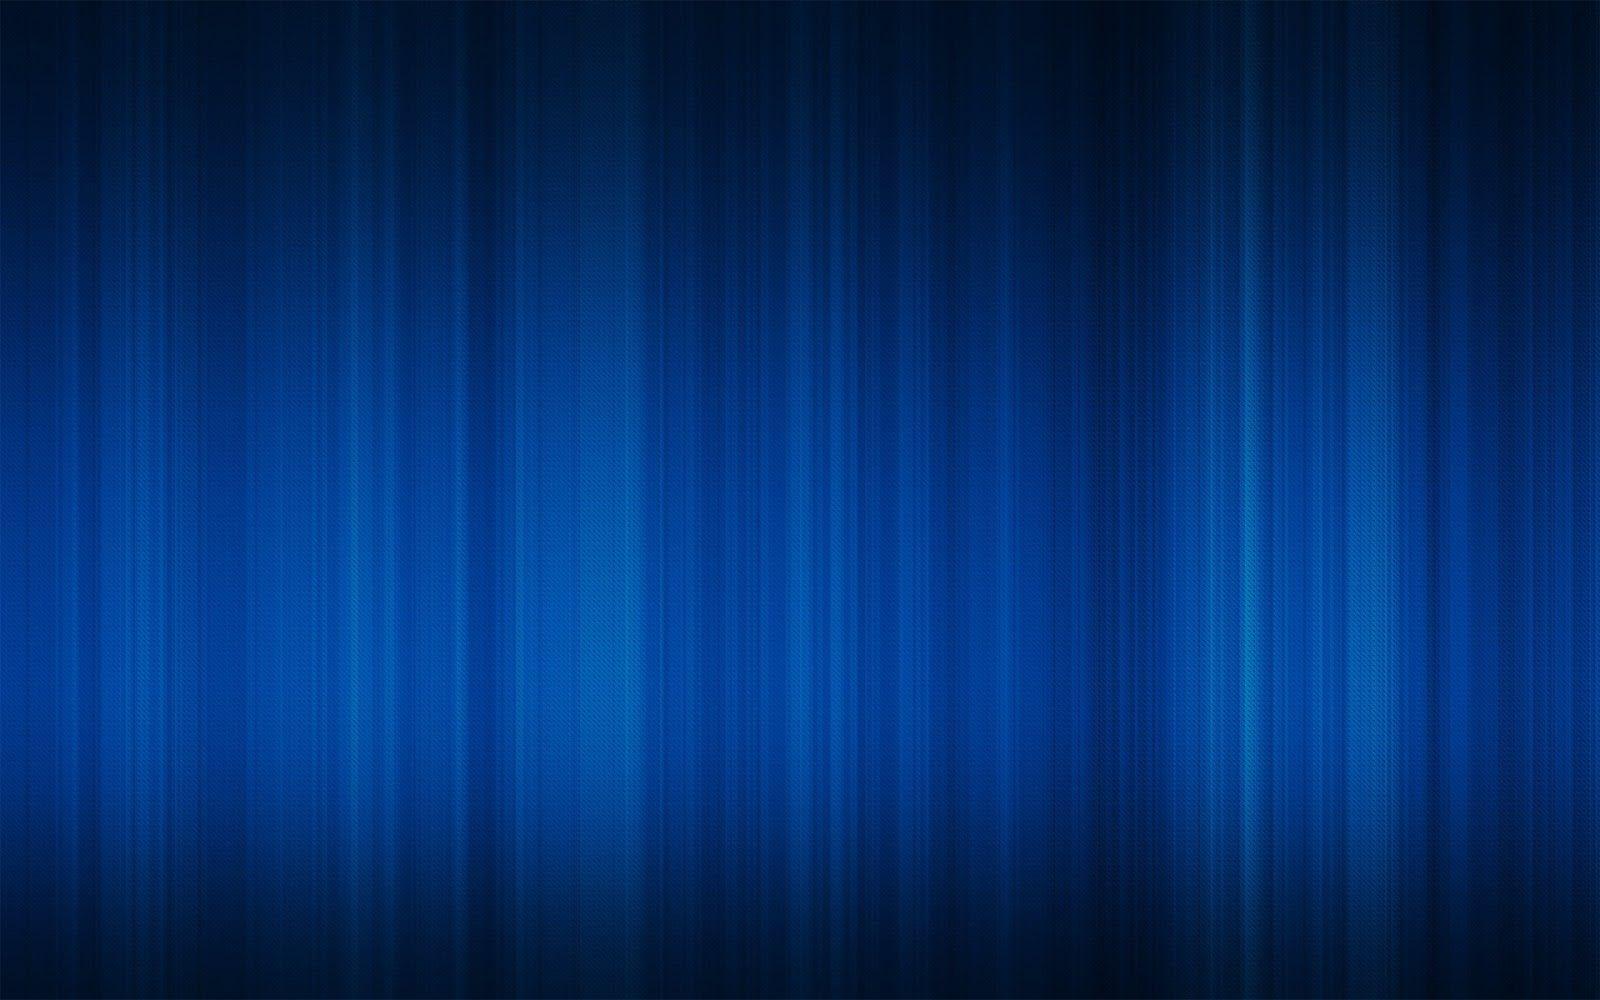 Fondos Azules Abstractos Gratis Para Fondo Celular En Hd 17 Hd